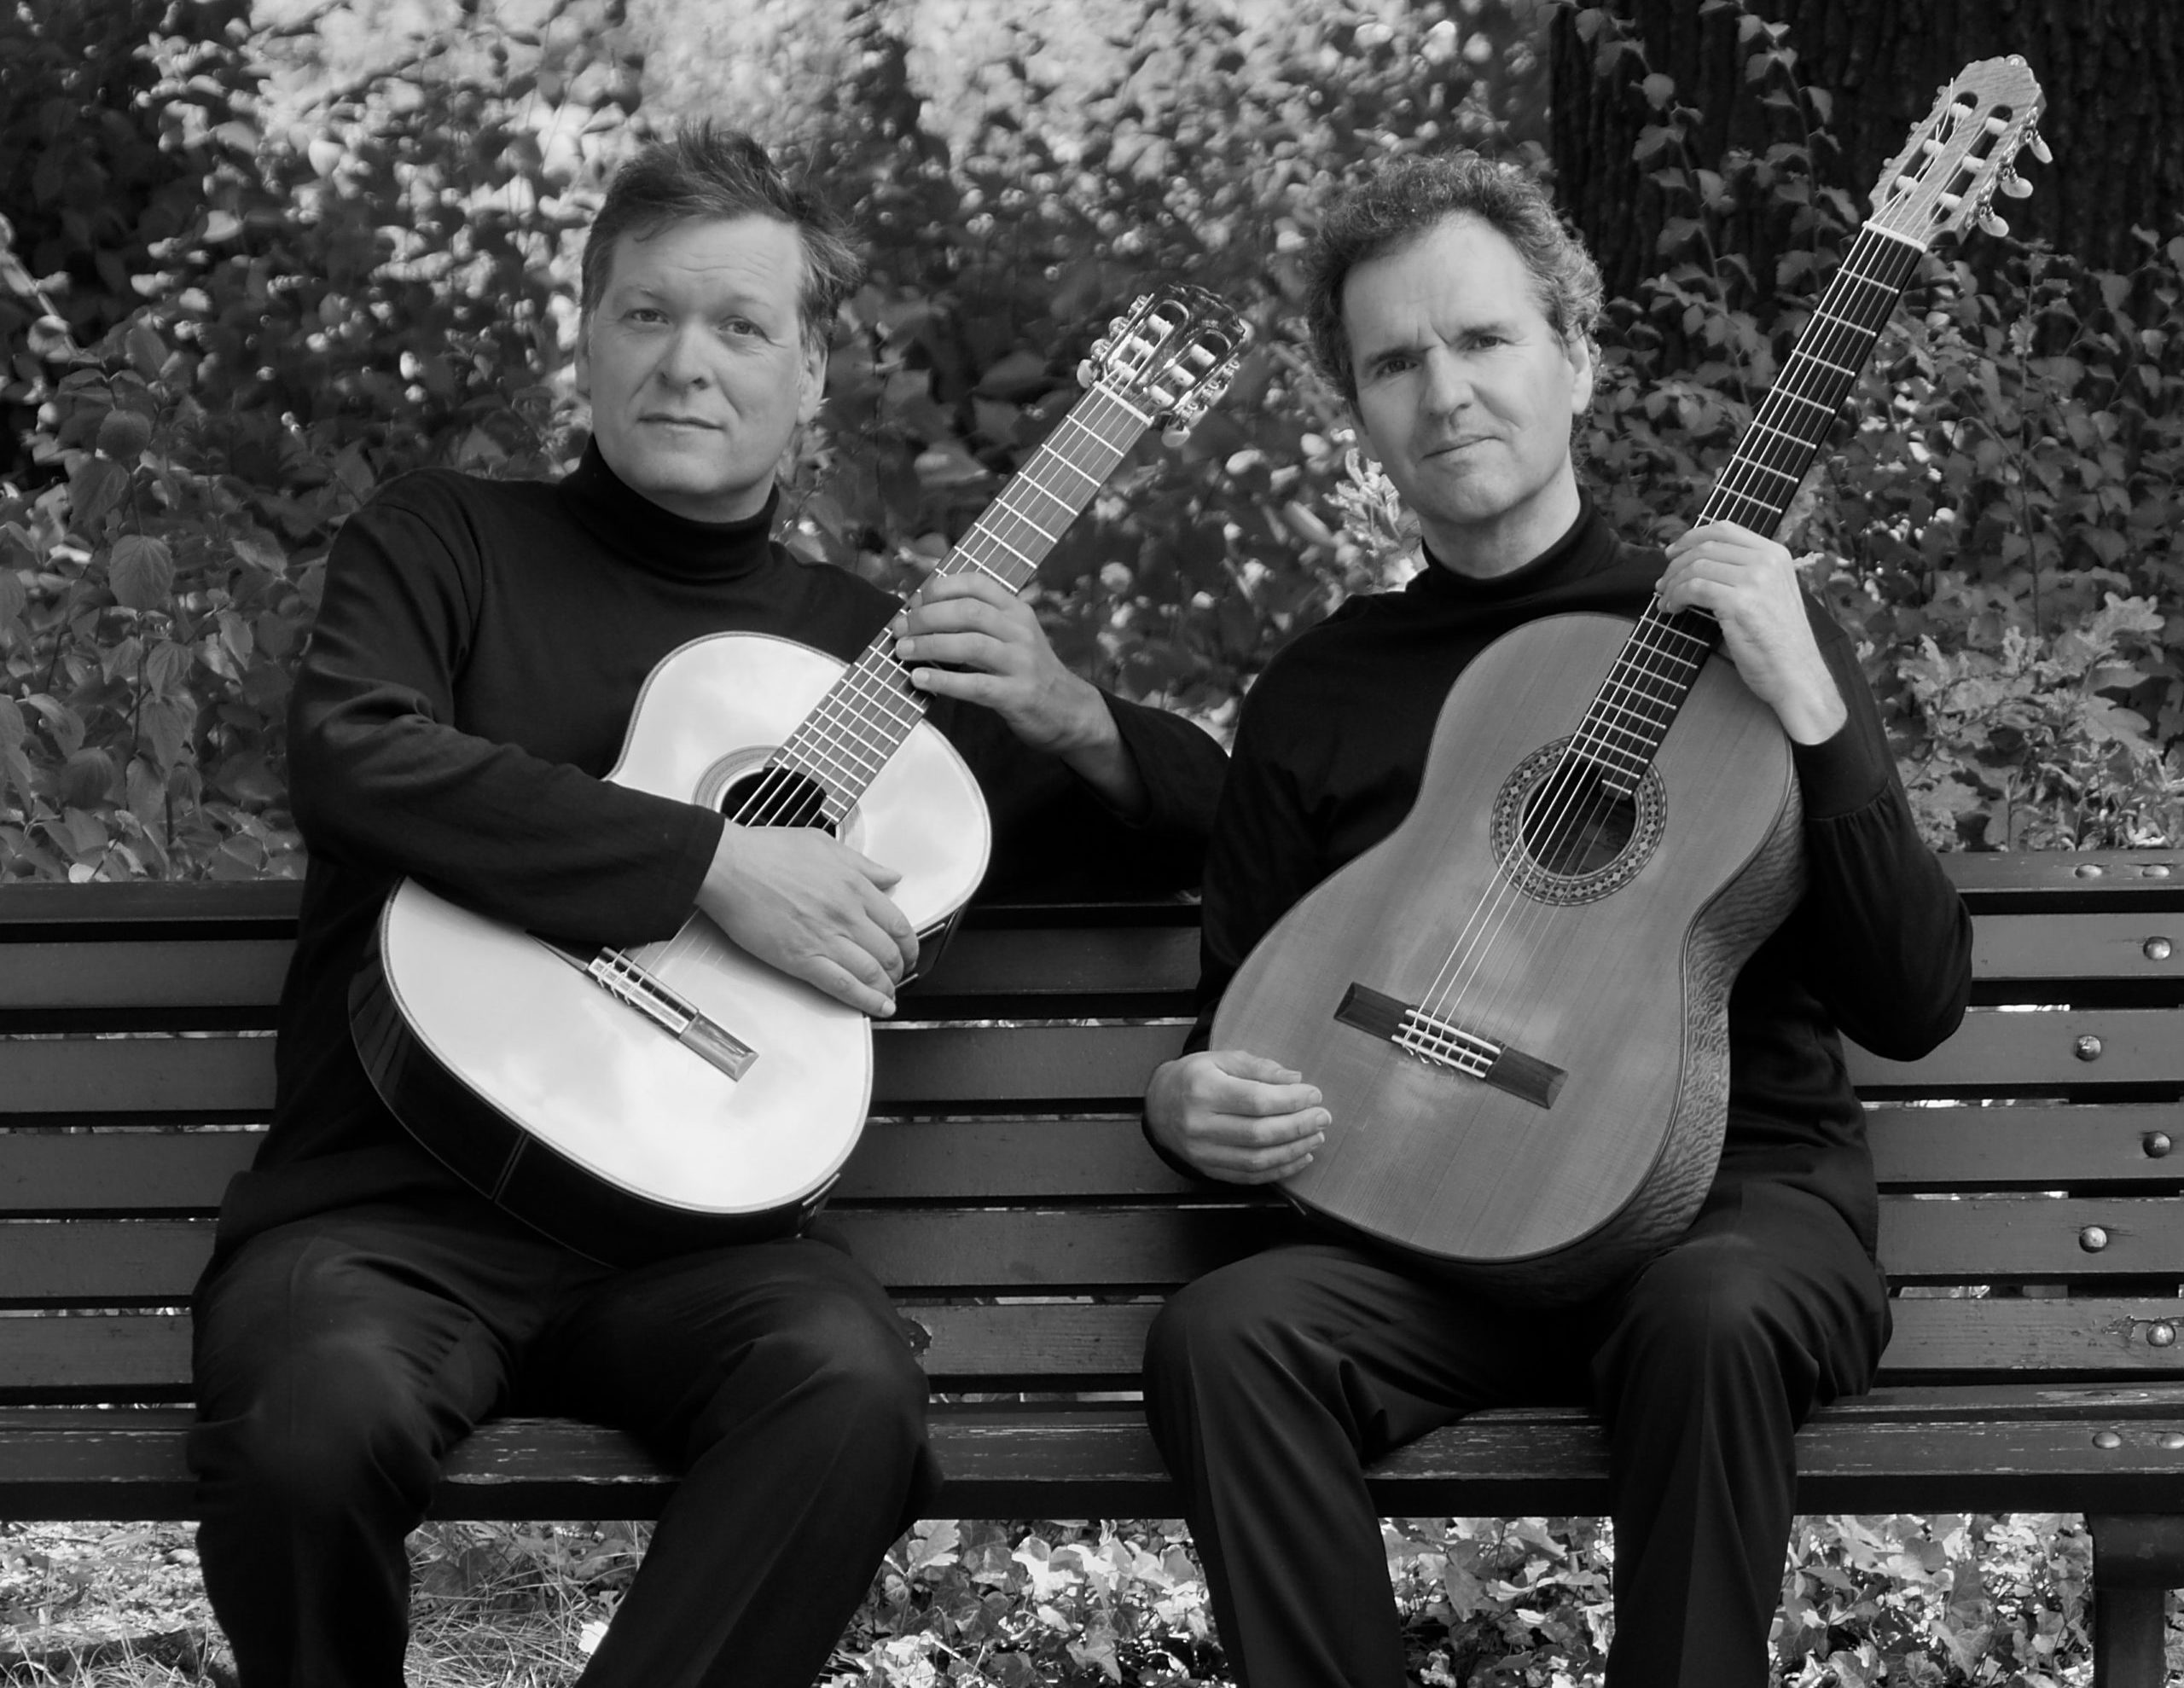 Martin Zeller - Michael Kornmacher - Gitarrenmusik  für Trauerfeiern in und um  Berlin